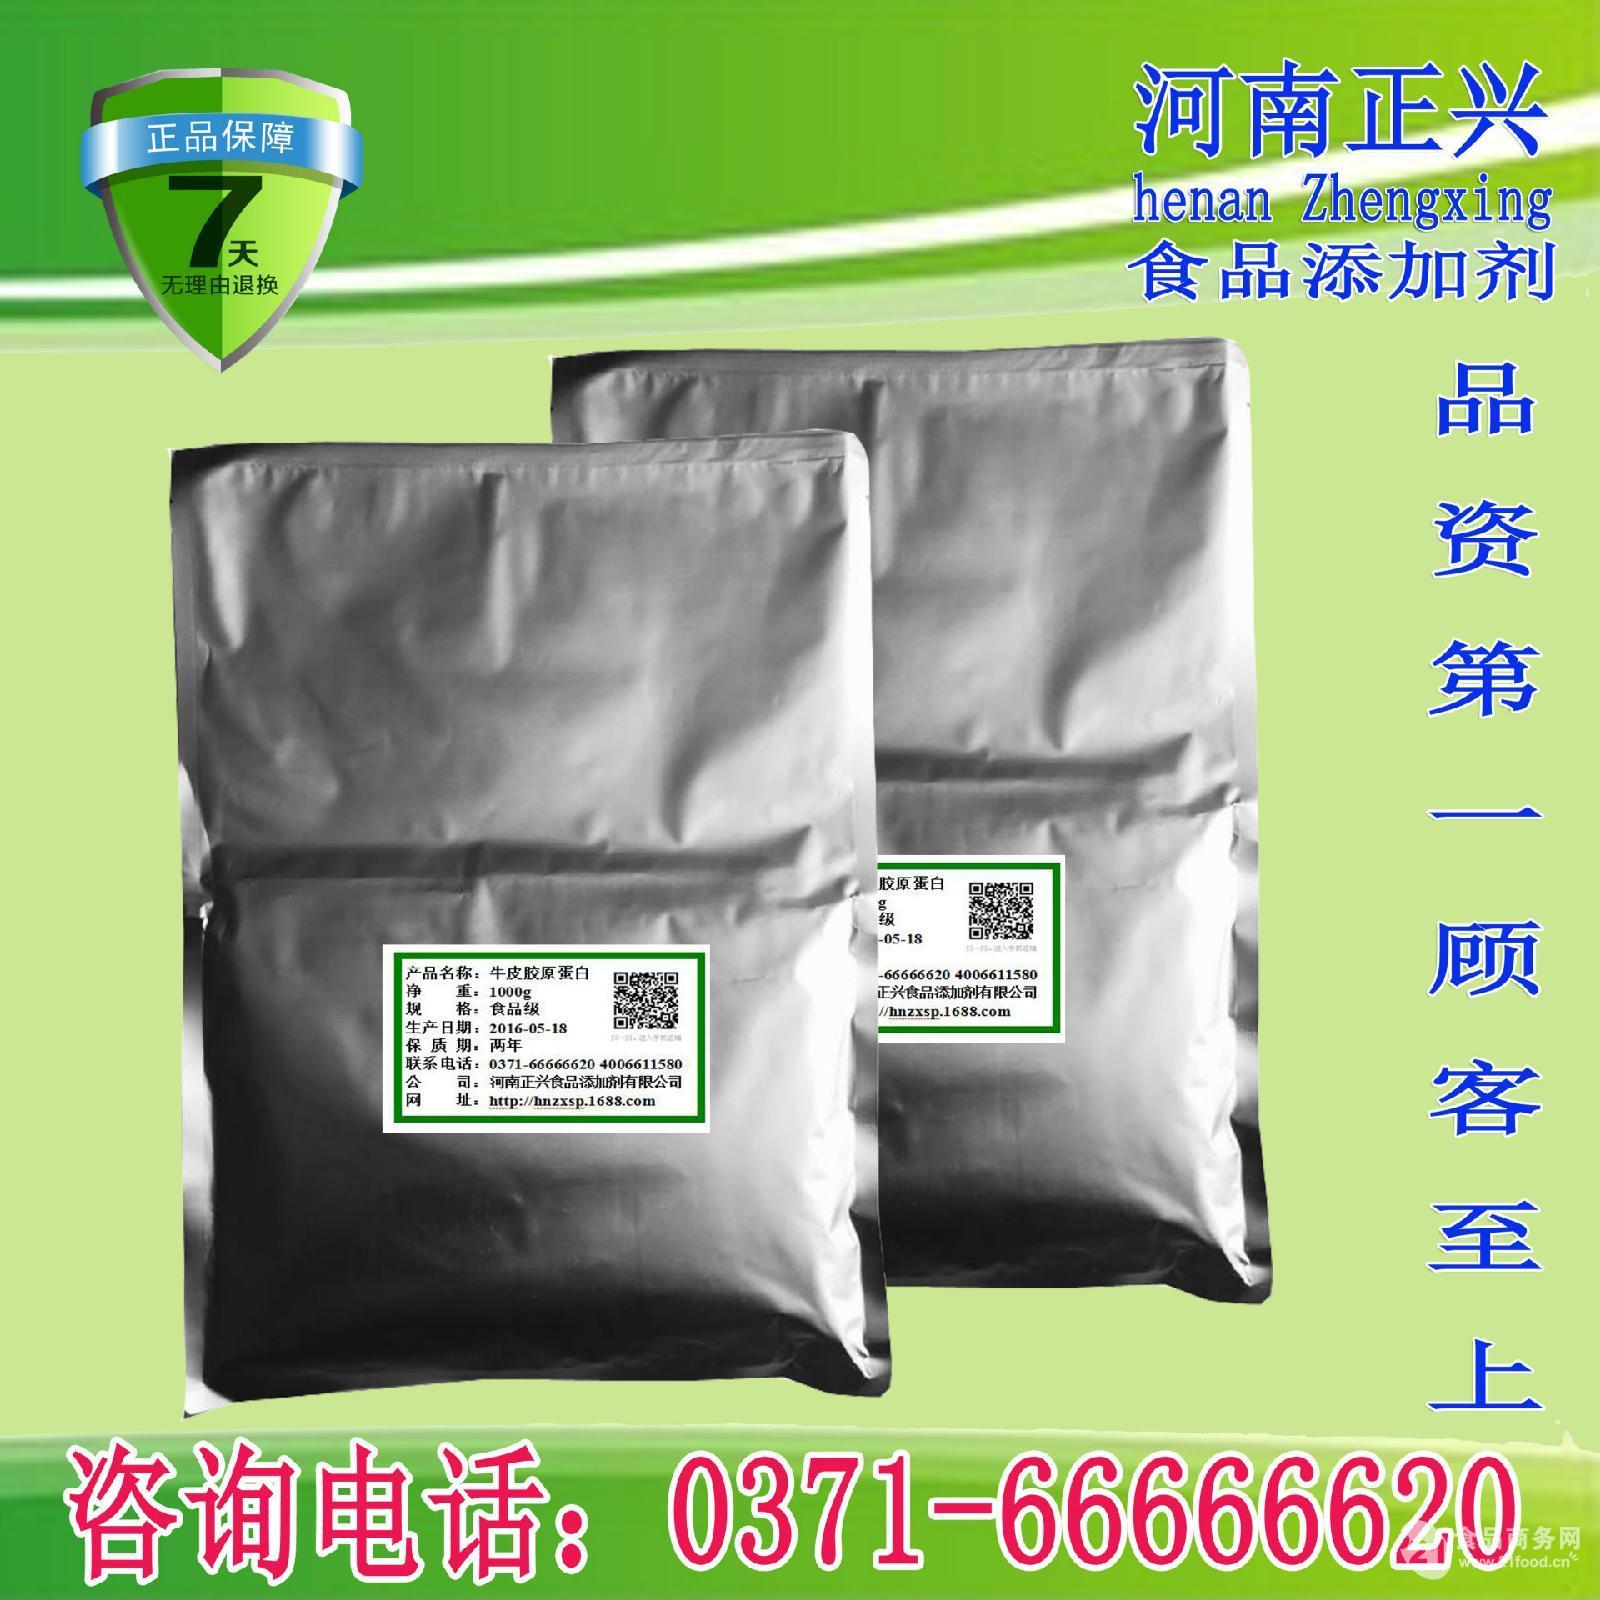 专业供应 食品级 牛皮胶原蛋白 猪皮胶原蛋